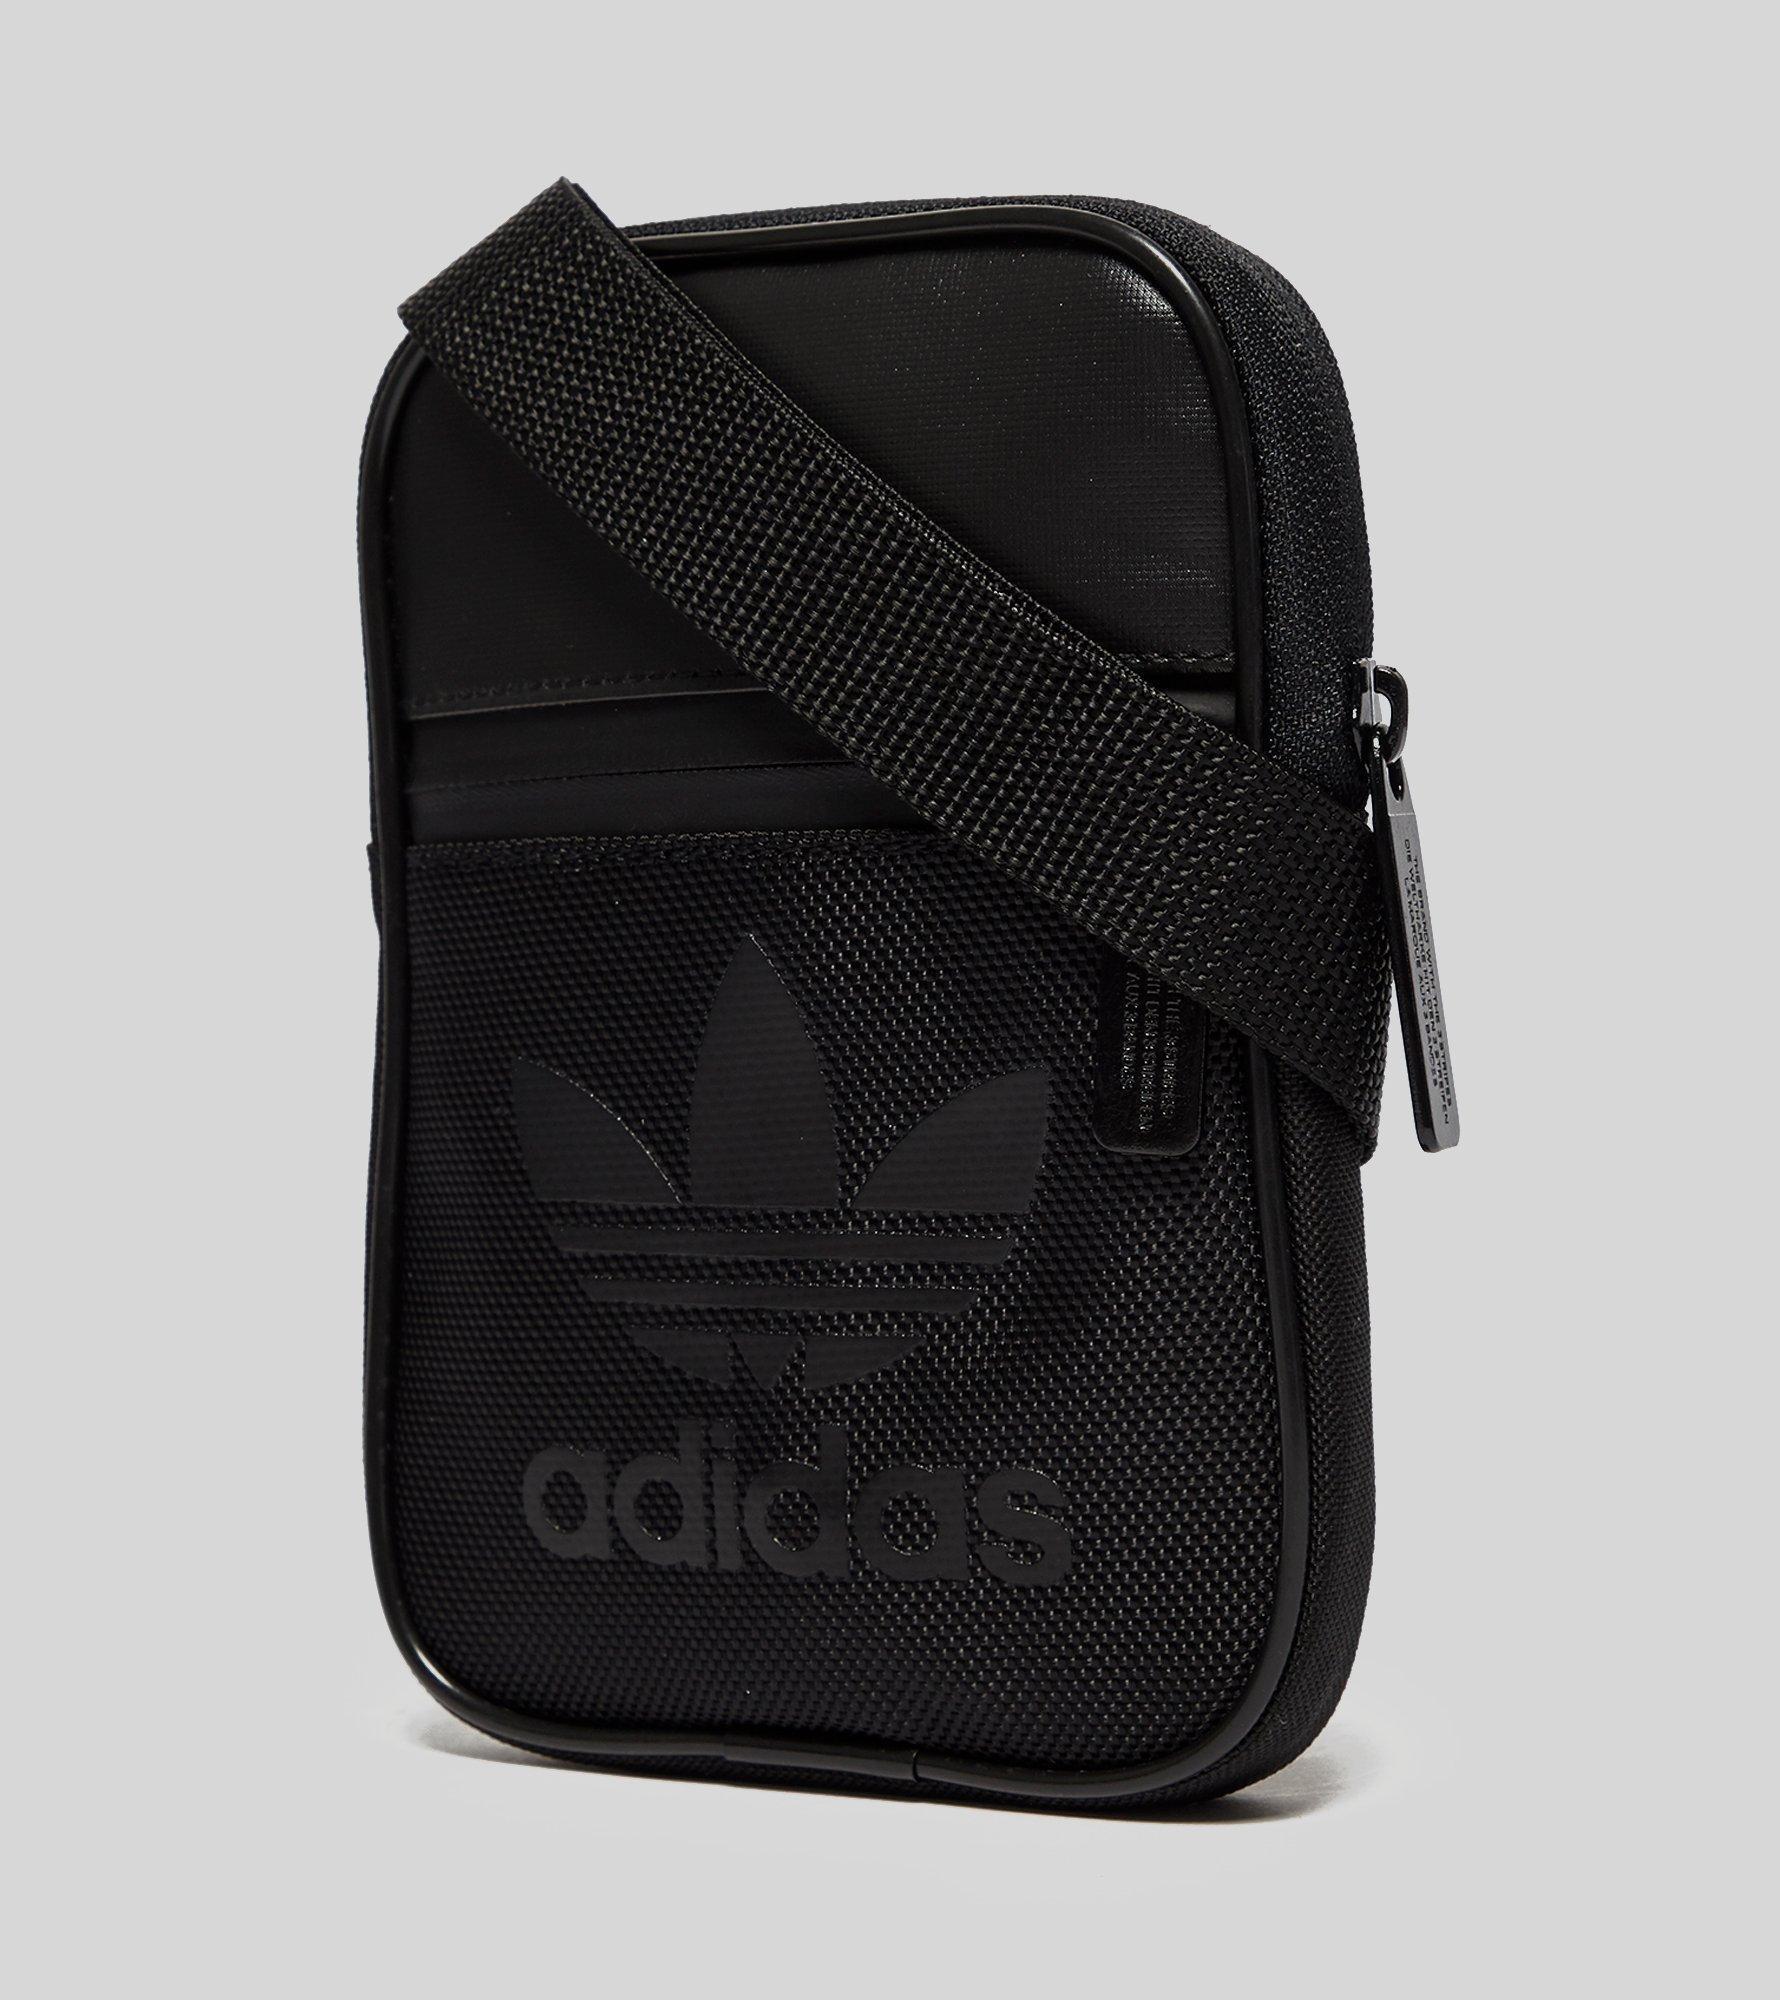 9508ffc5f Festival Adidas Adidas Bag Originals Originals 34ARqcSLj5